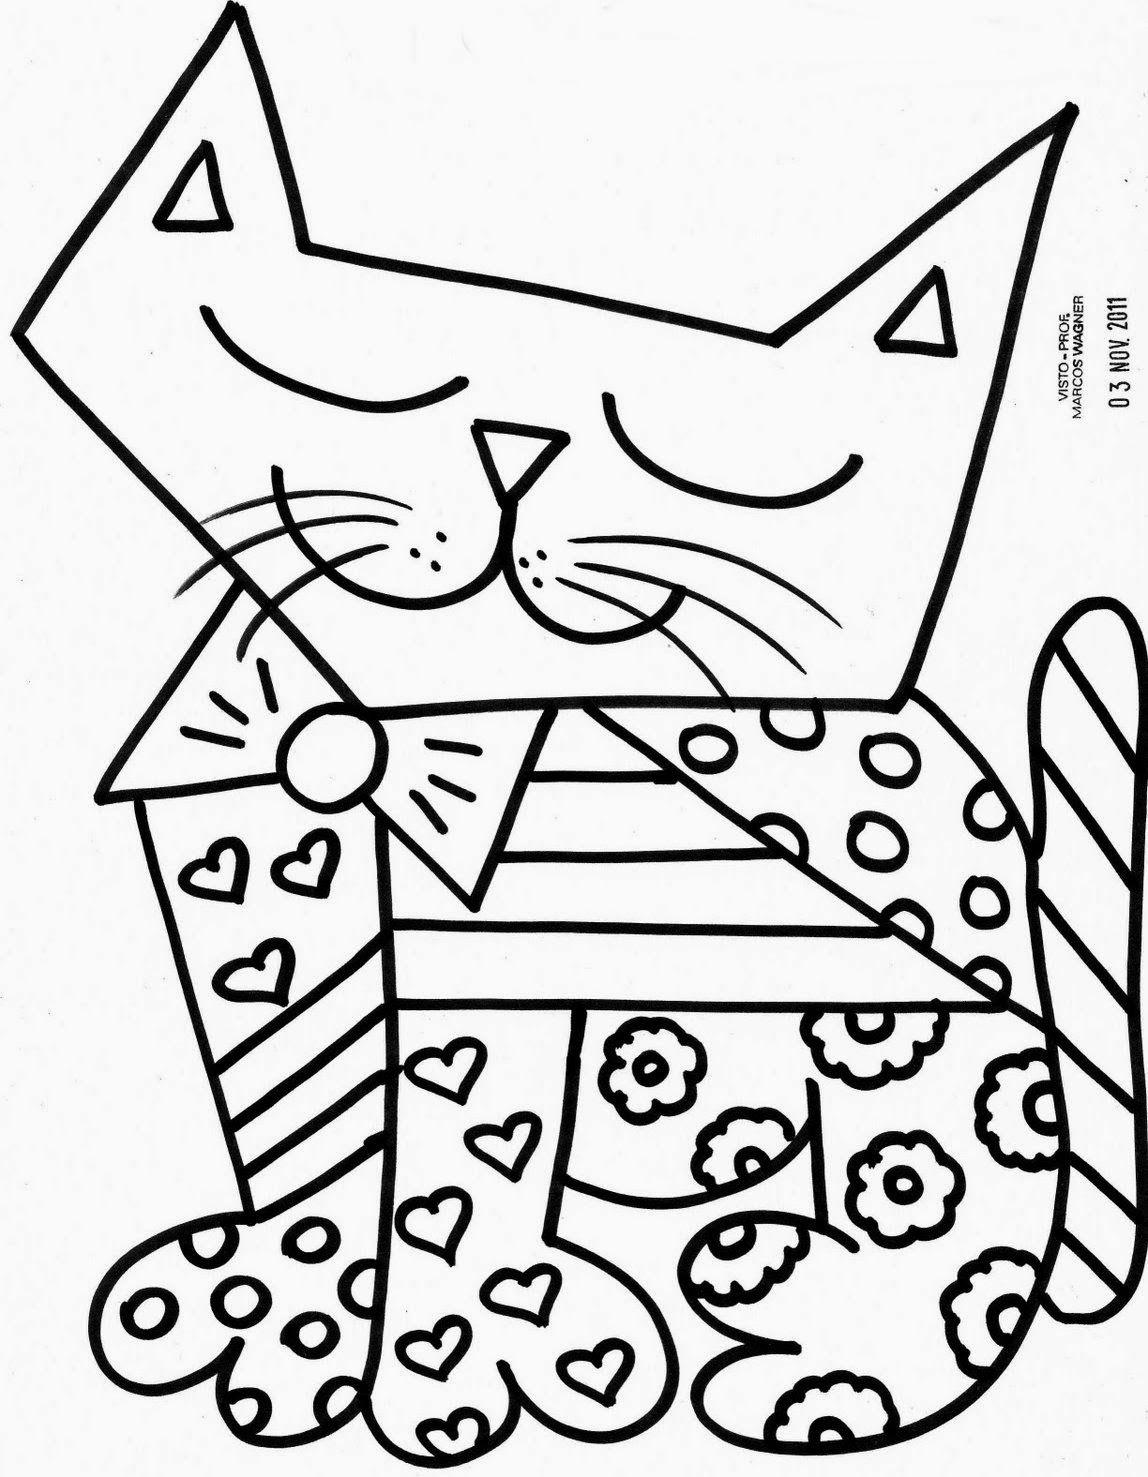 Romero De Brito Para Colorir Releitura A Dona Gata Jpg 1148 1477 Desenhos Do Romero Britto Obras De Romero Britto Romero Brito